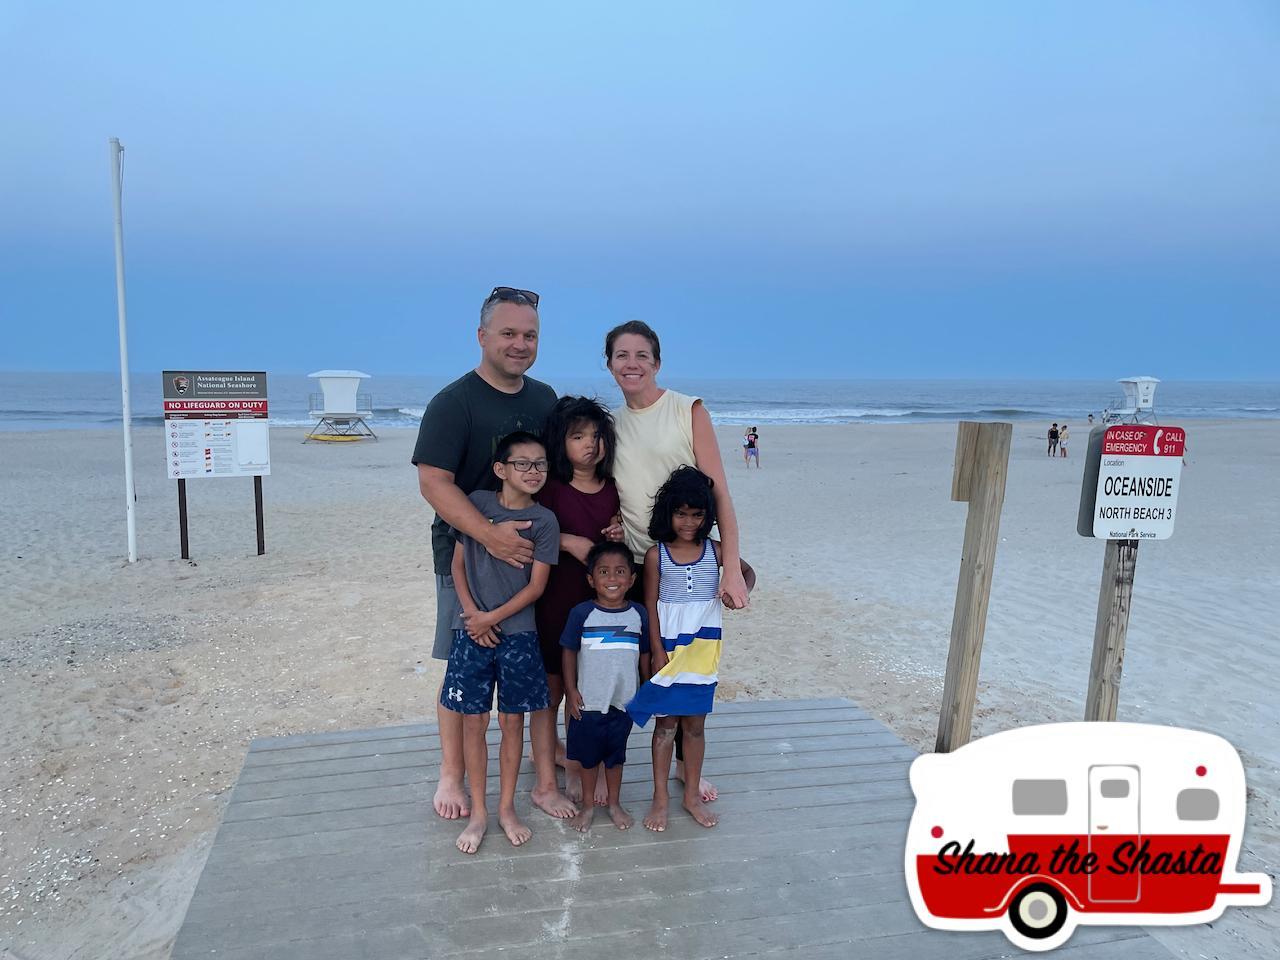 Assateague-Oceanside-North-Beach